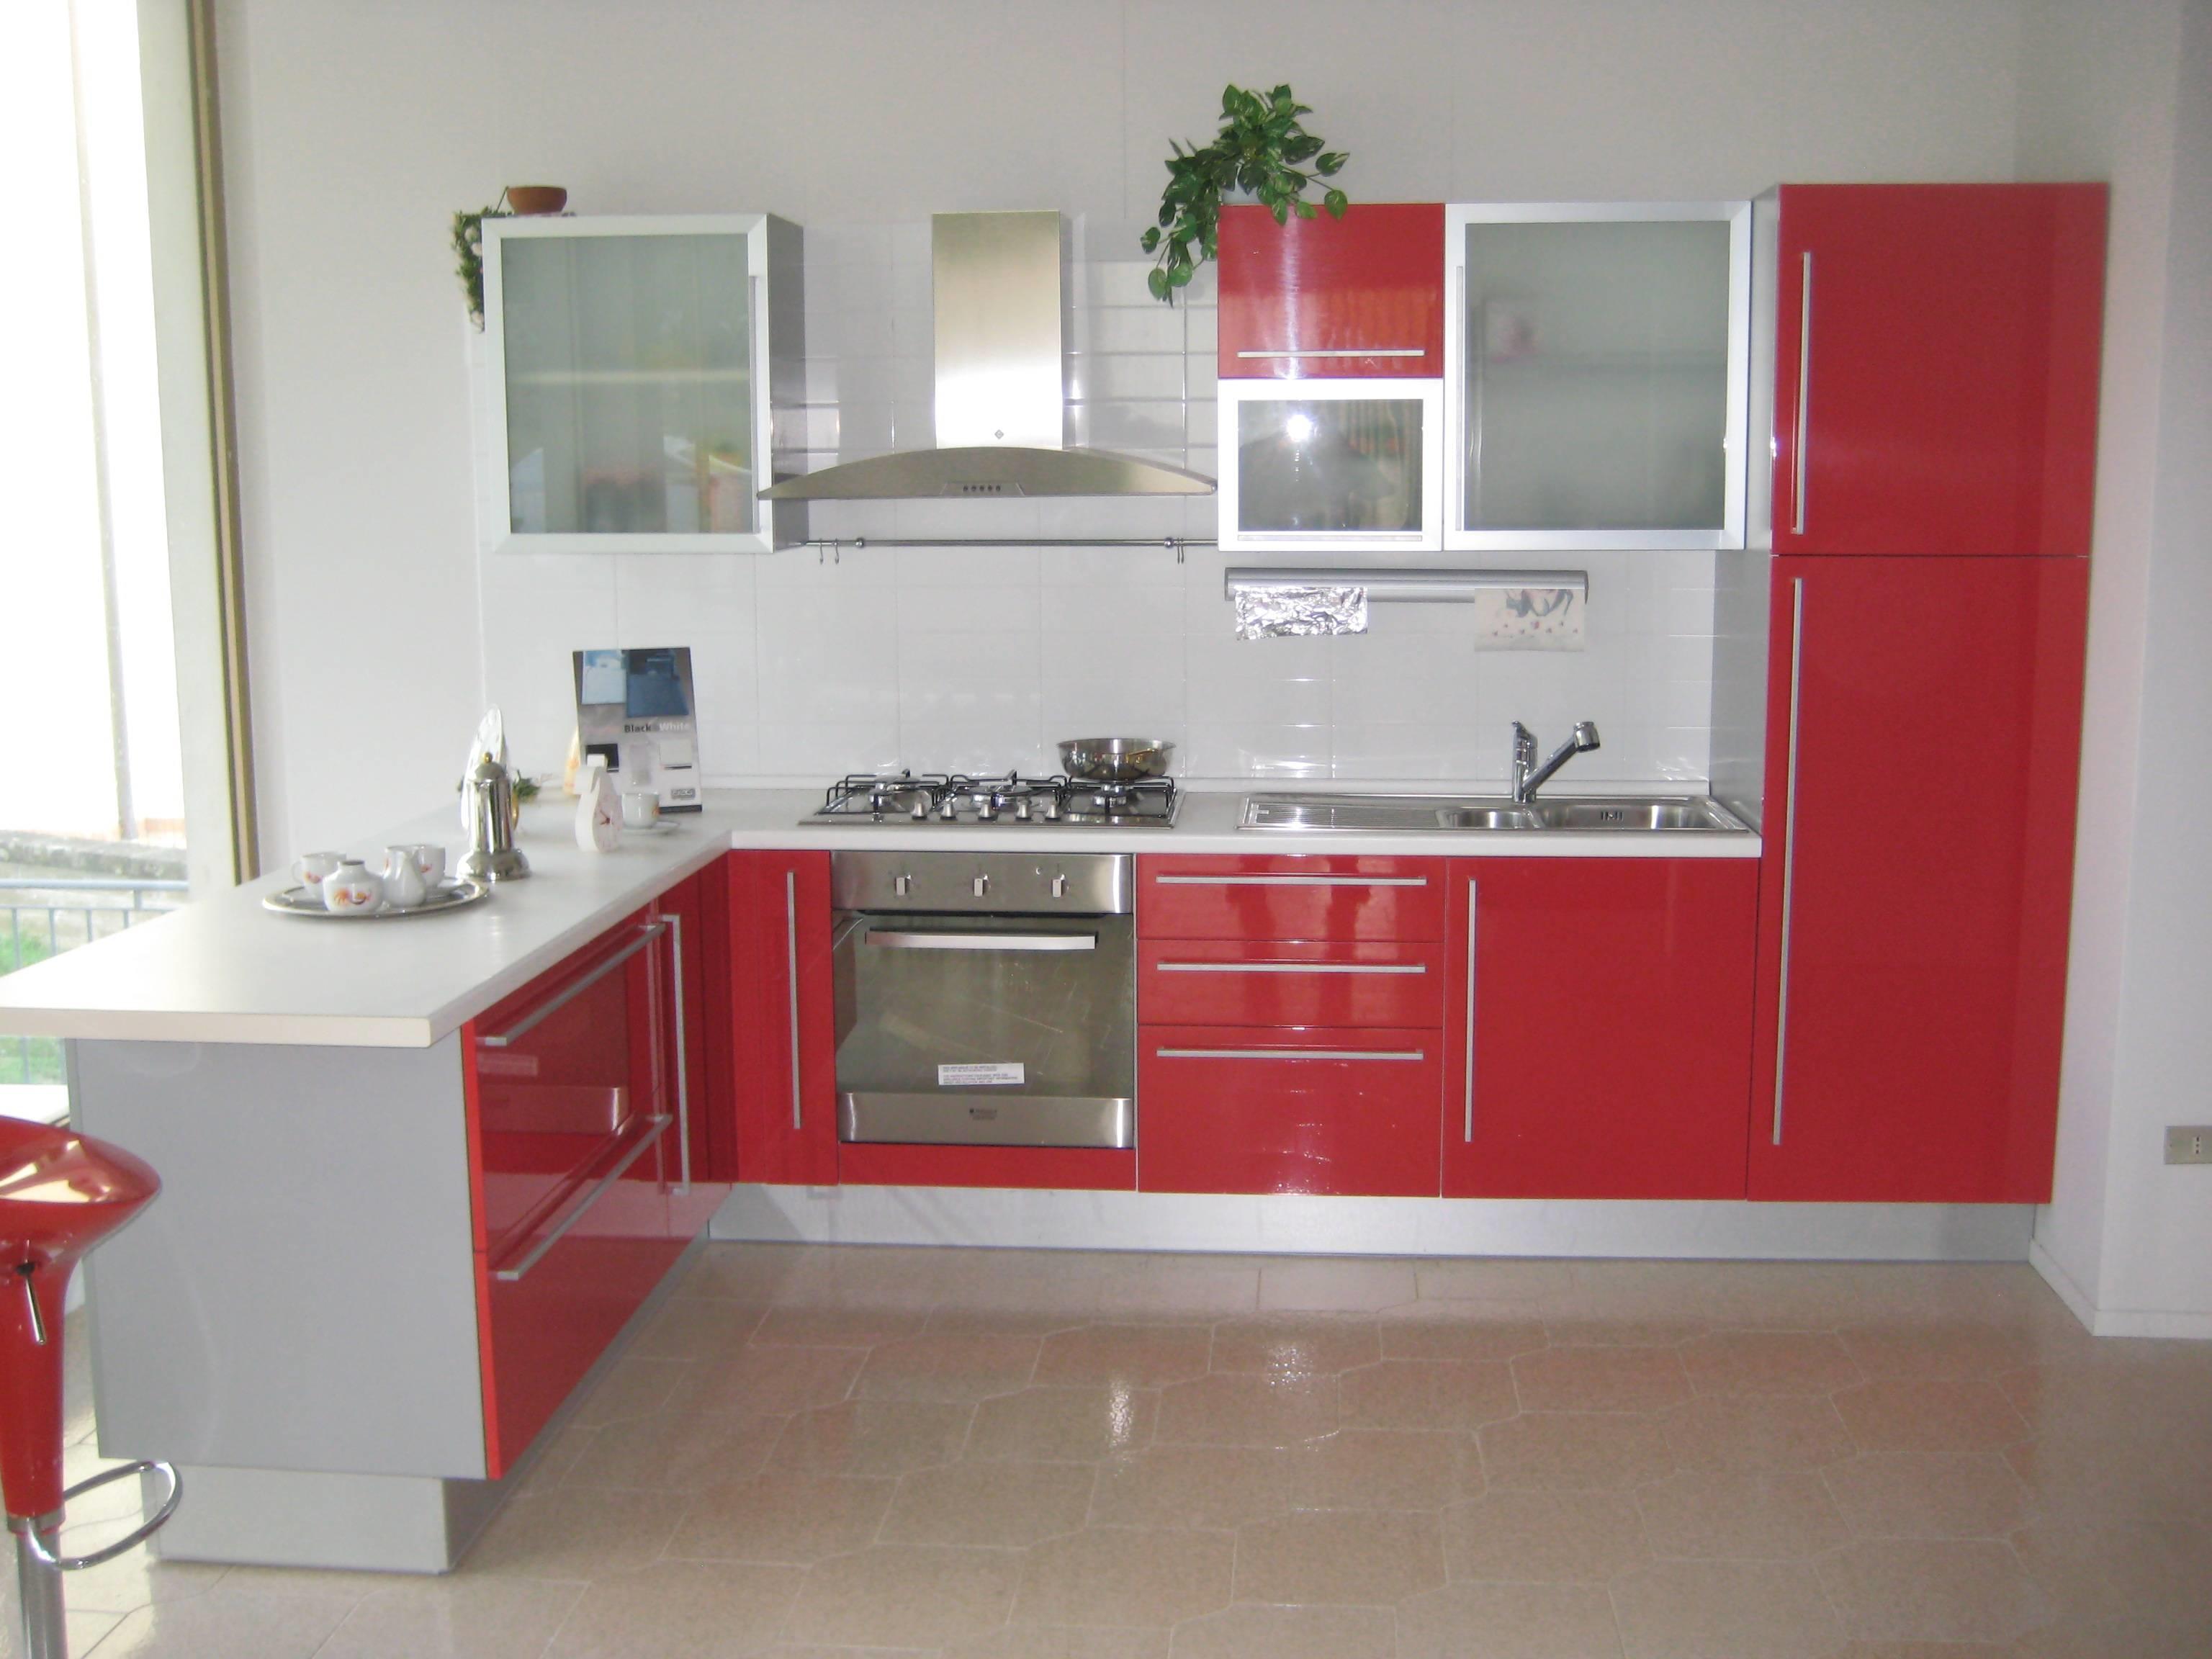 Cucina modello rodi marca del tongo ad laccata rosso cucine a prezzi - Cucine di marca ...